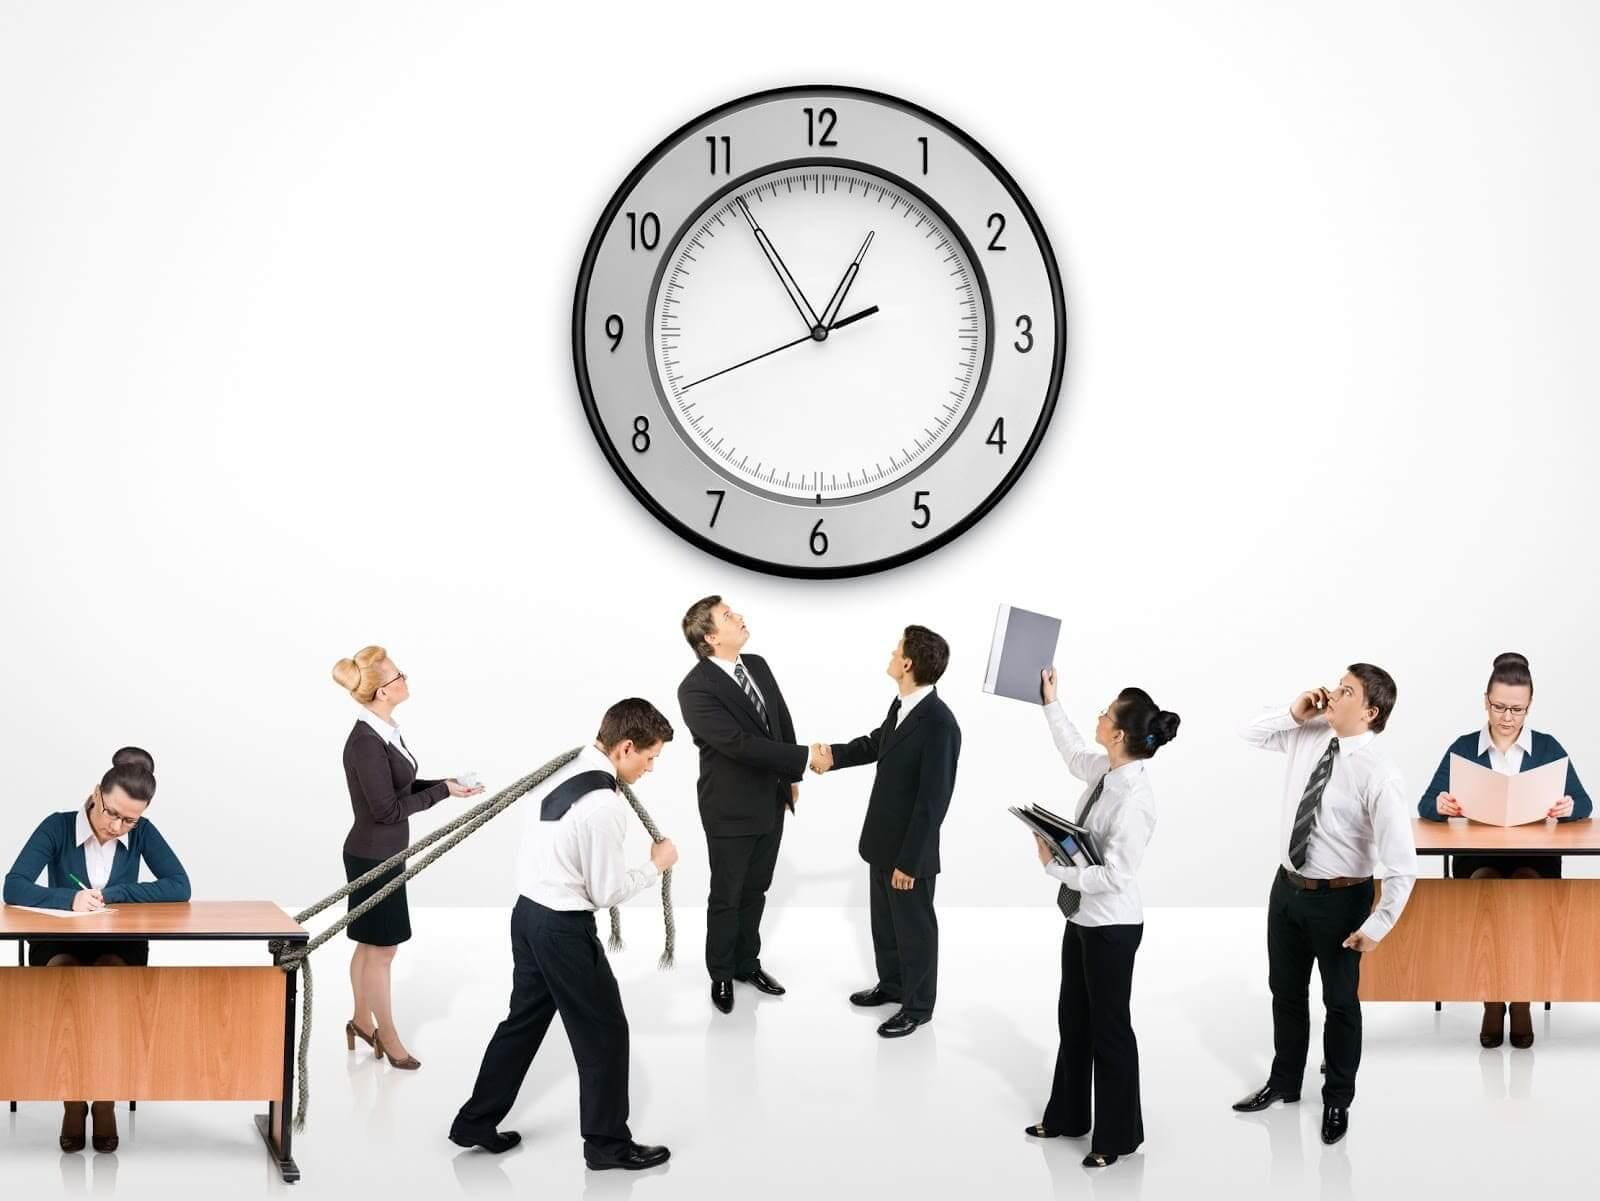 Основания для пересмотра норм труда